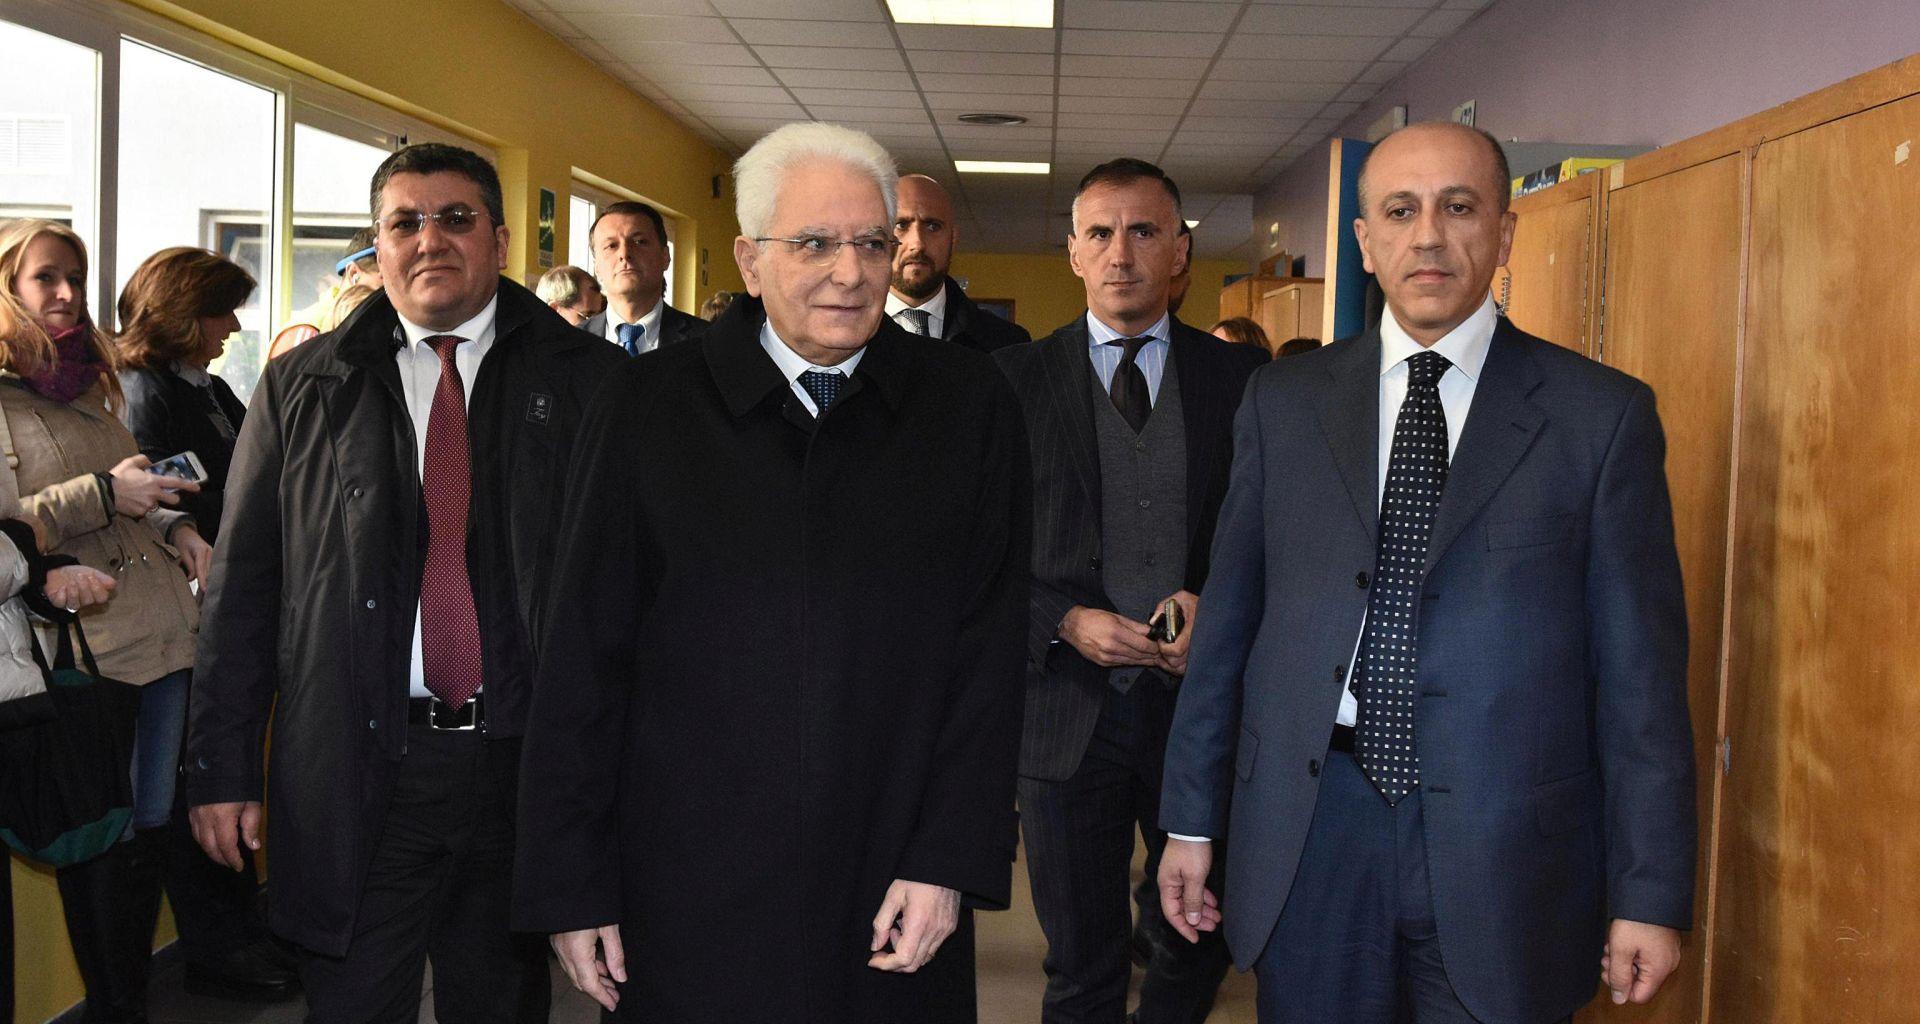 Talijanski predsjednik počeo konzultacije radi rješavanja političke krize